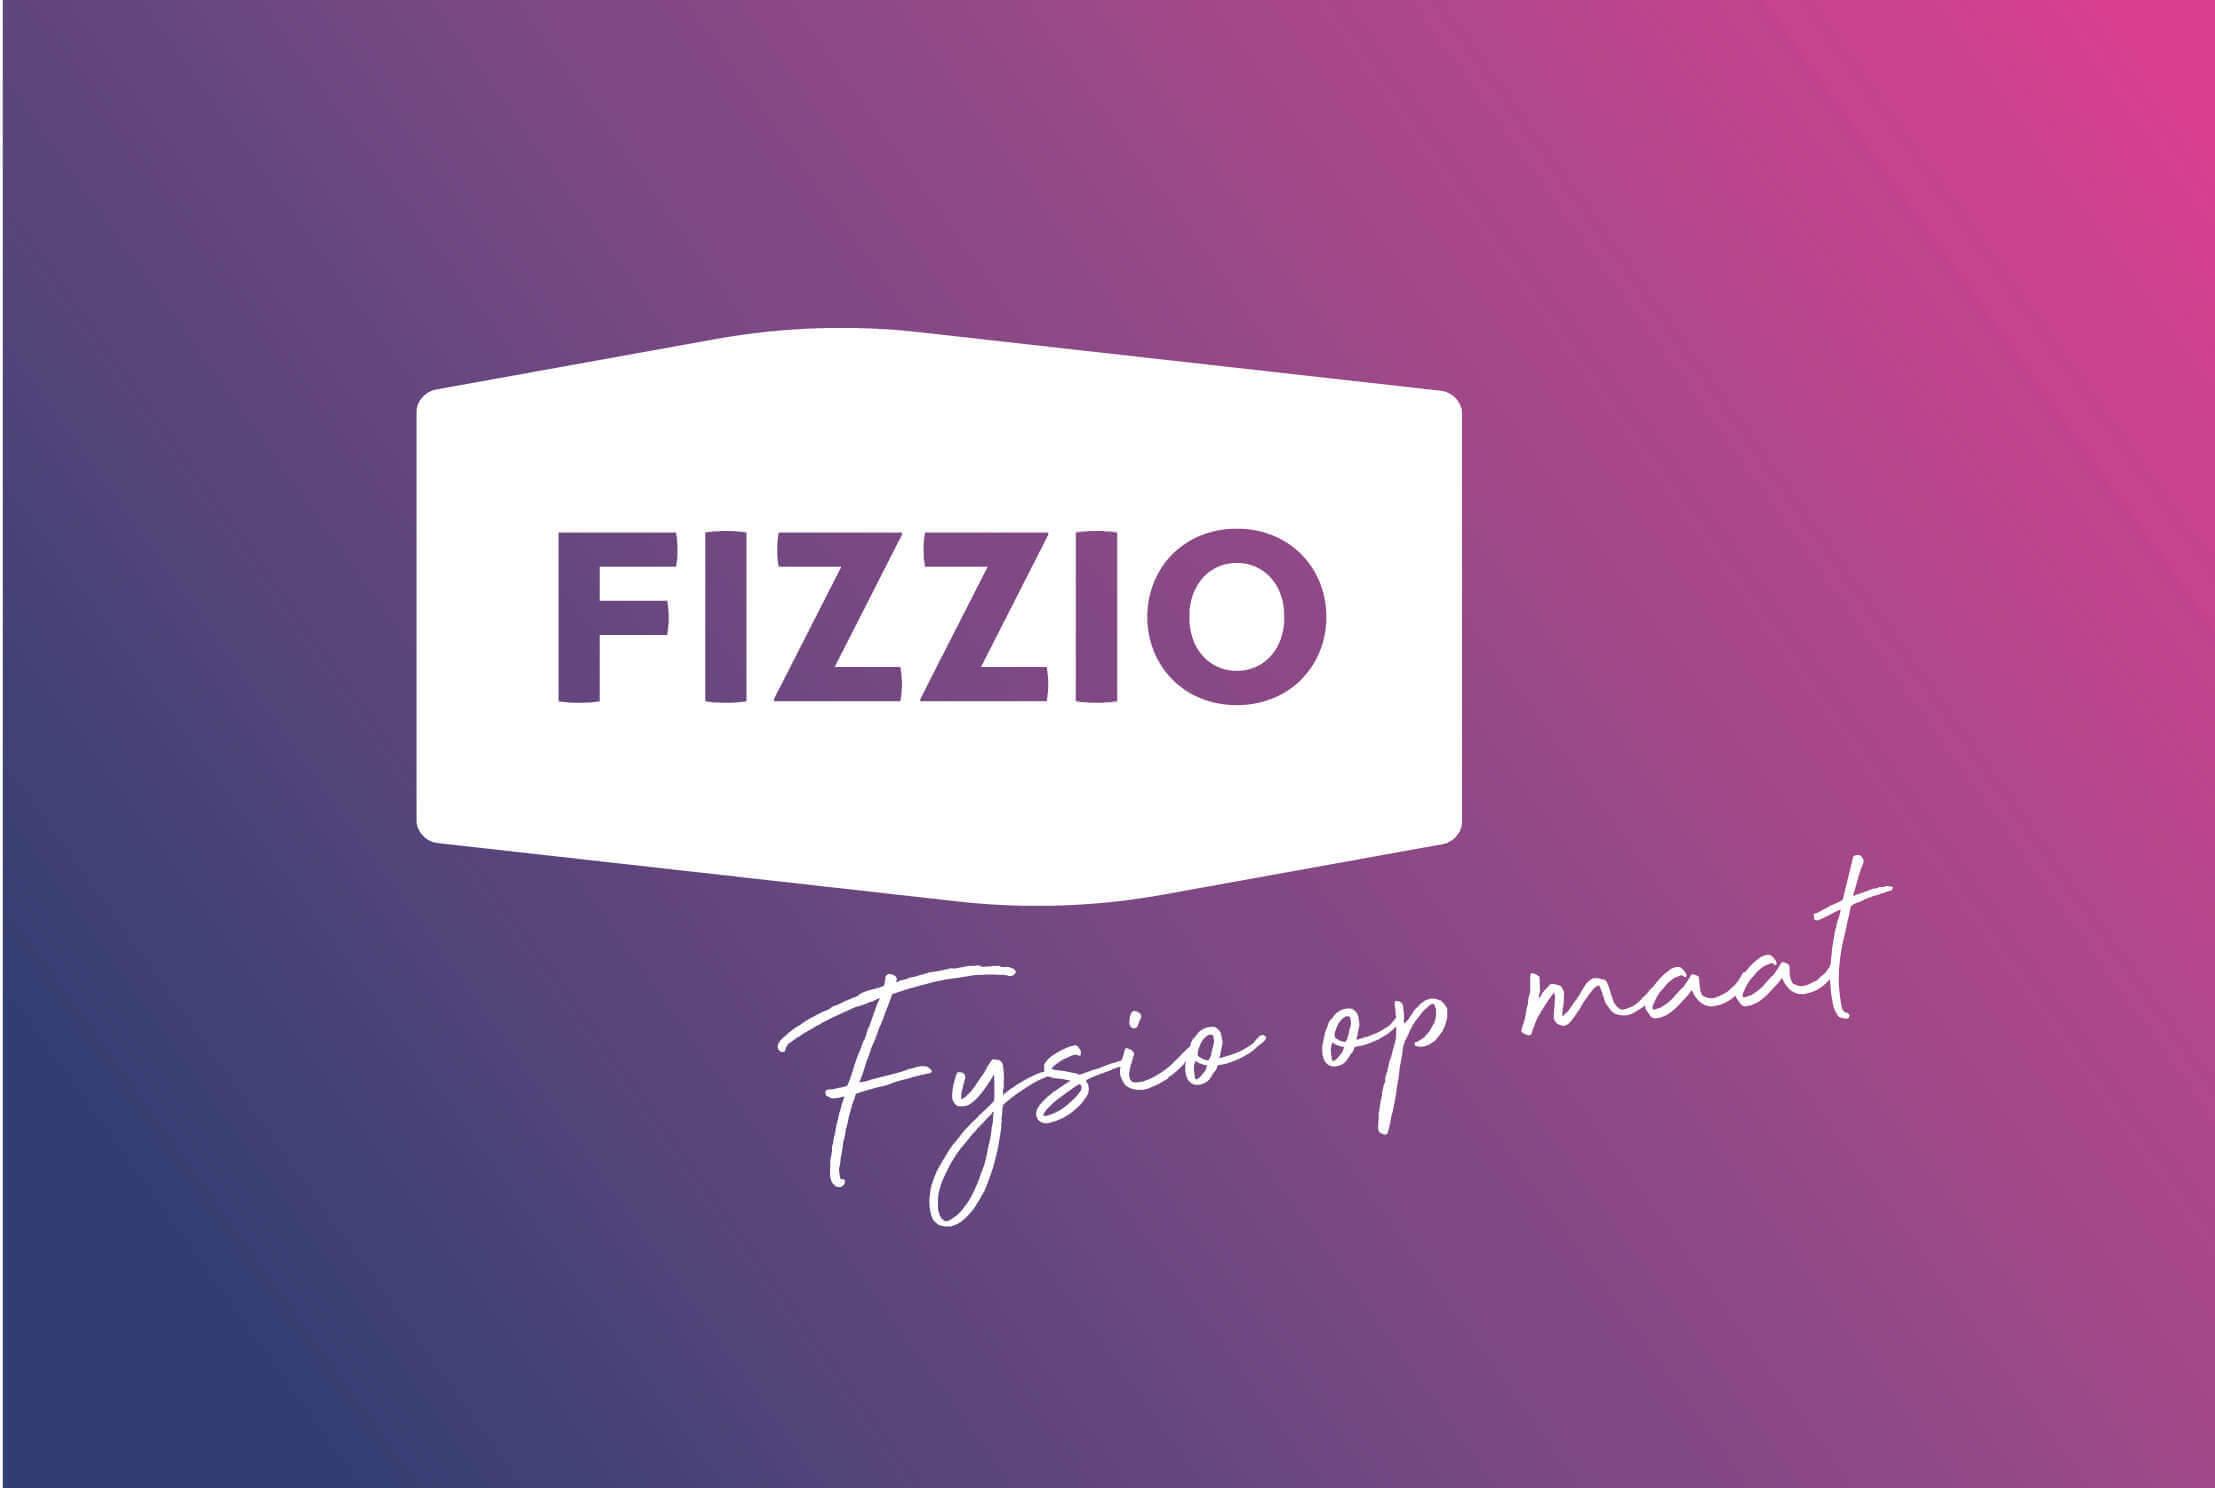 https://brandmatters.nl/app/uploads/2020/06/FBH20.03-logo2-1.jpg